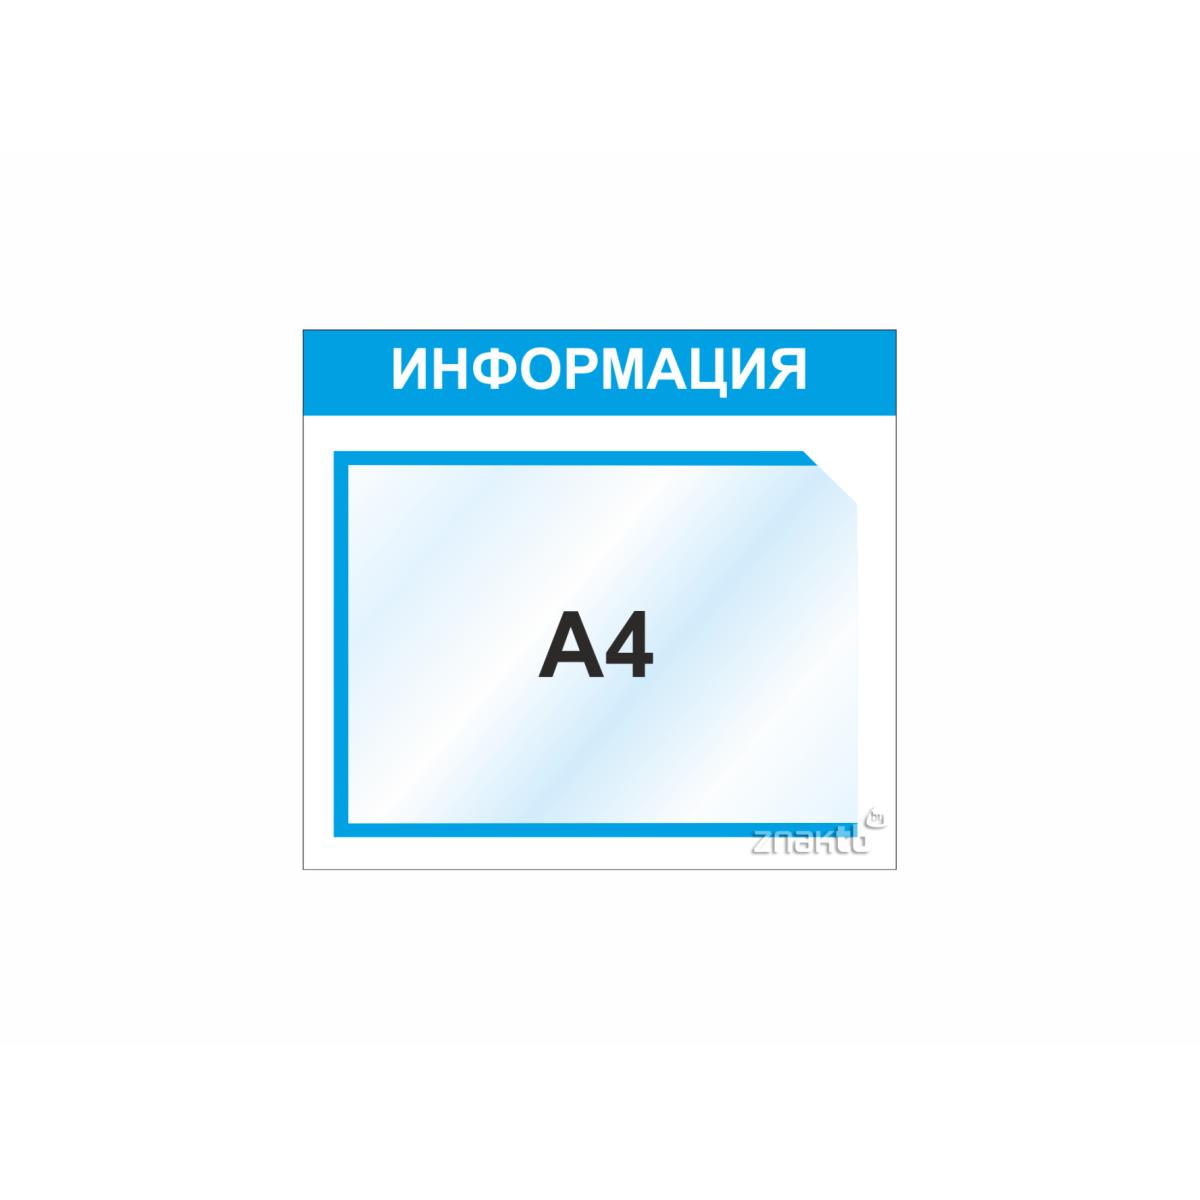 Стенд информационный 3010, 345*315 мм, 1 карм А4